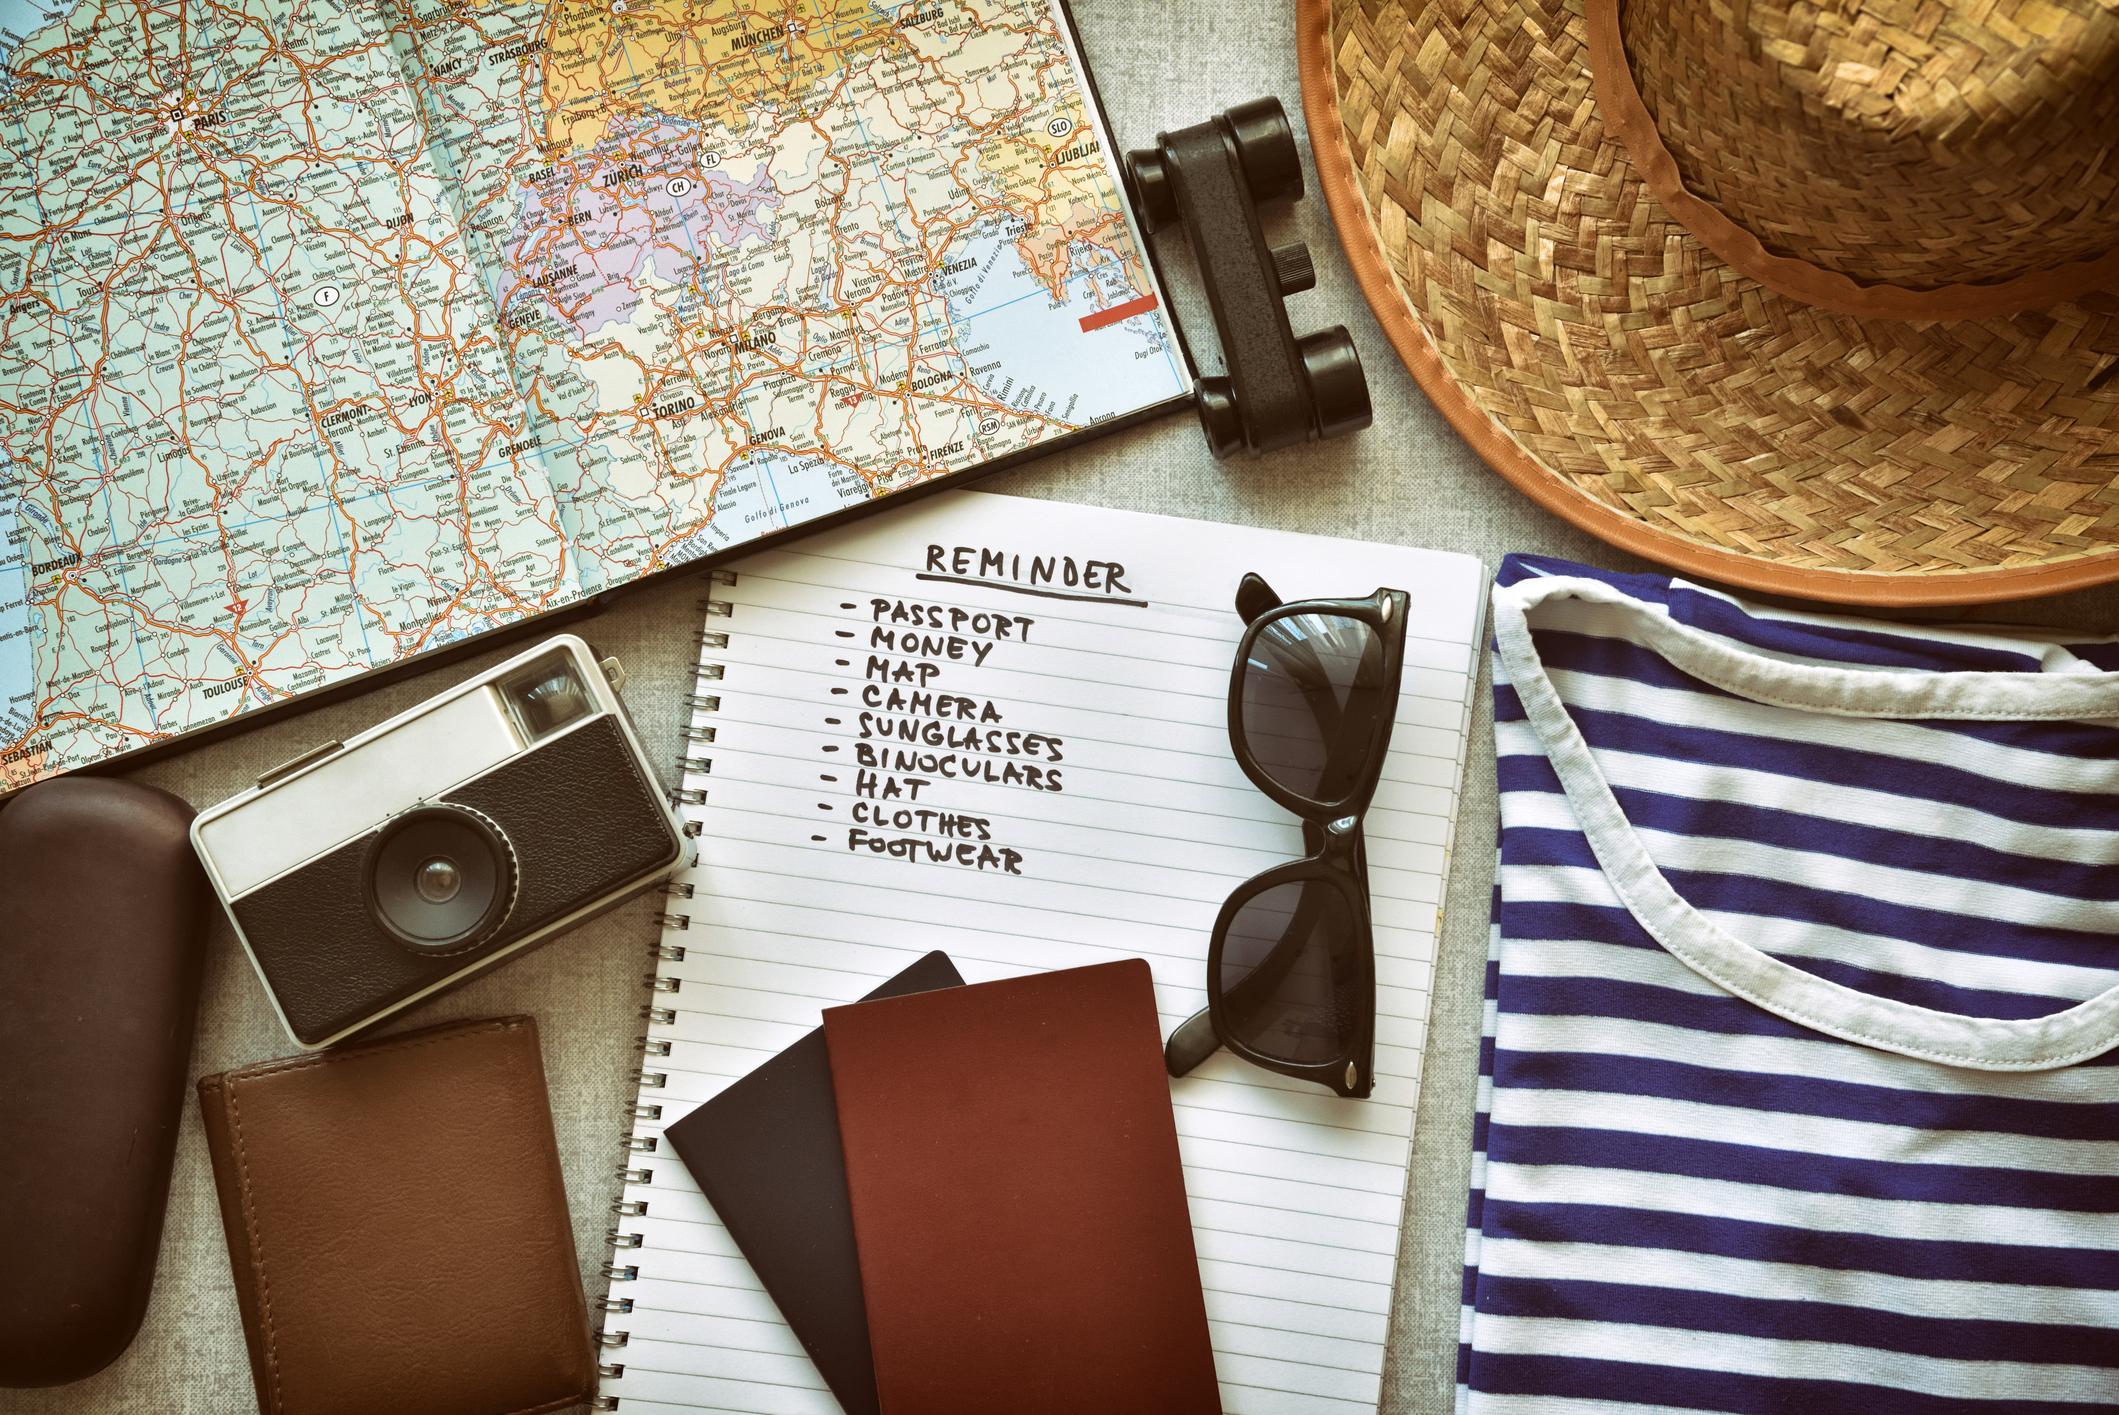 Für Kind Die Ultimative Mit Ausdrucken Den Zum Checkliste Urlaub Kc3Jl1TF